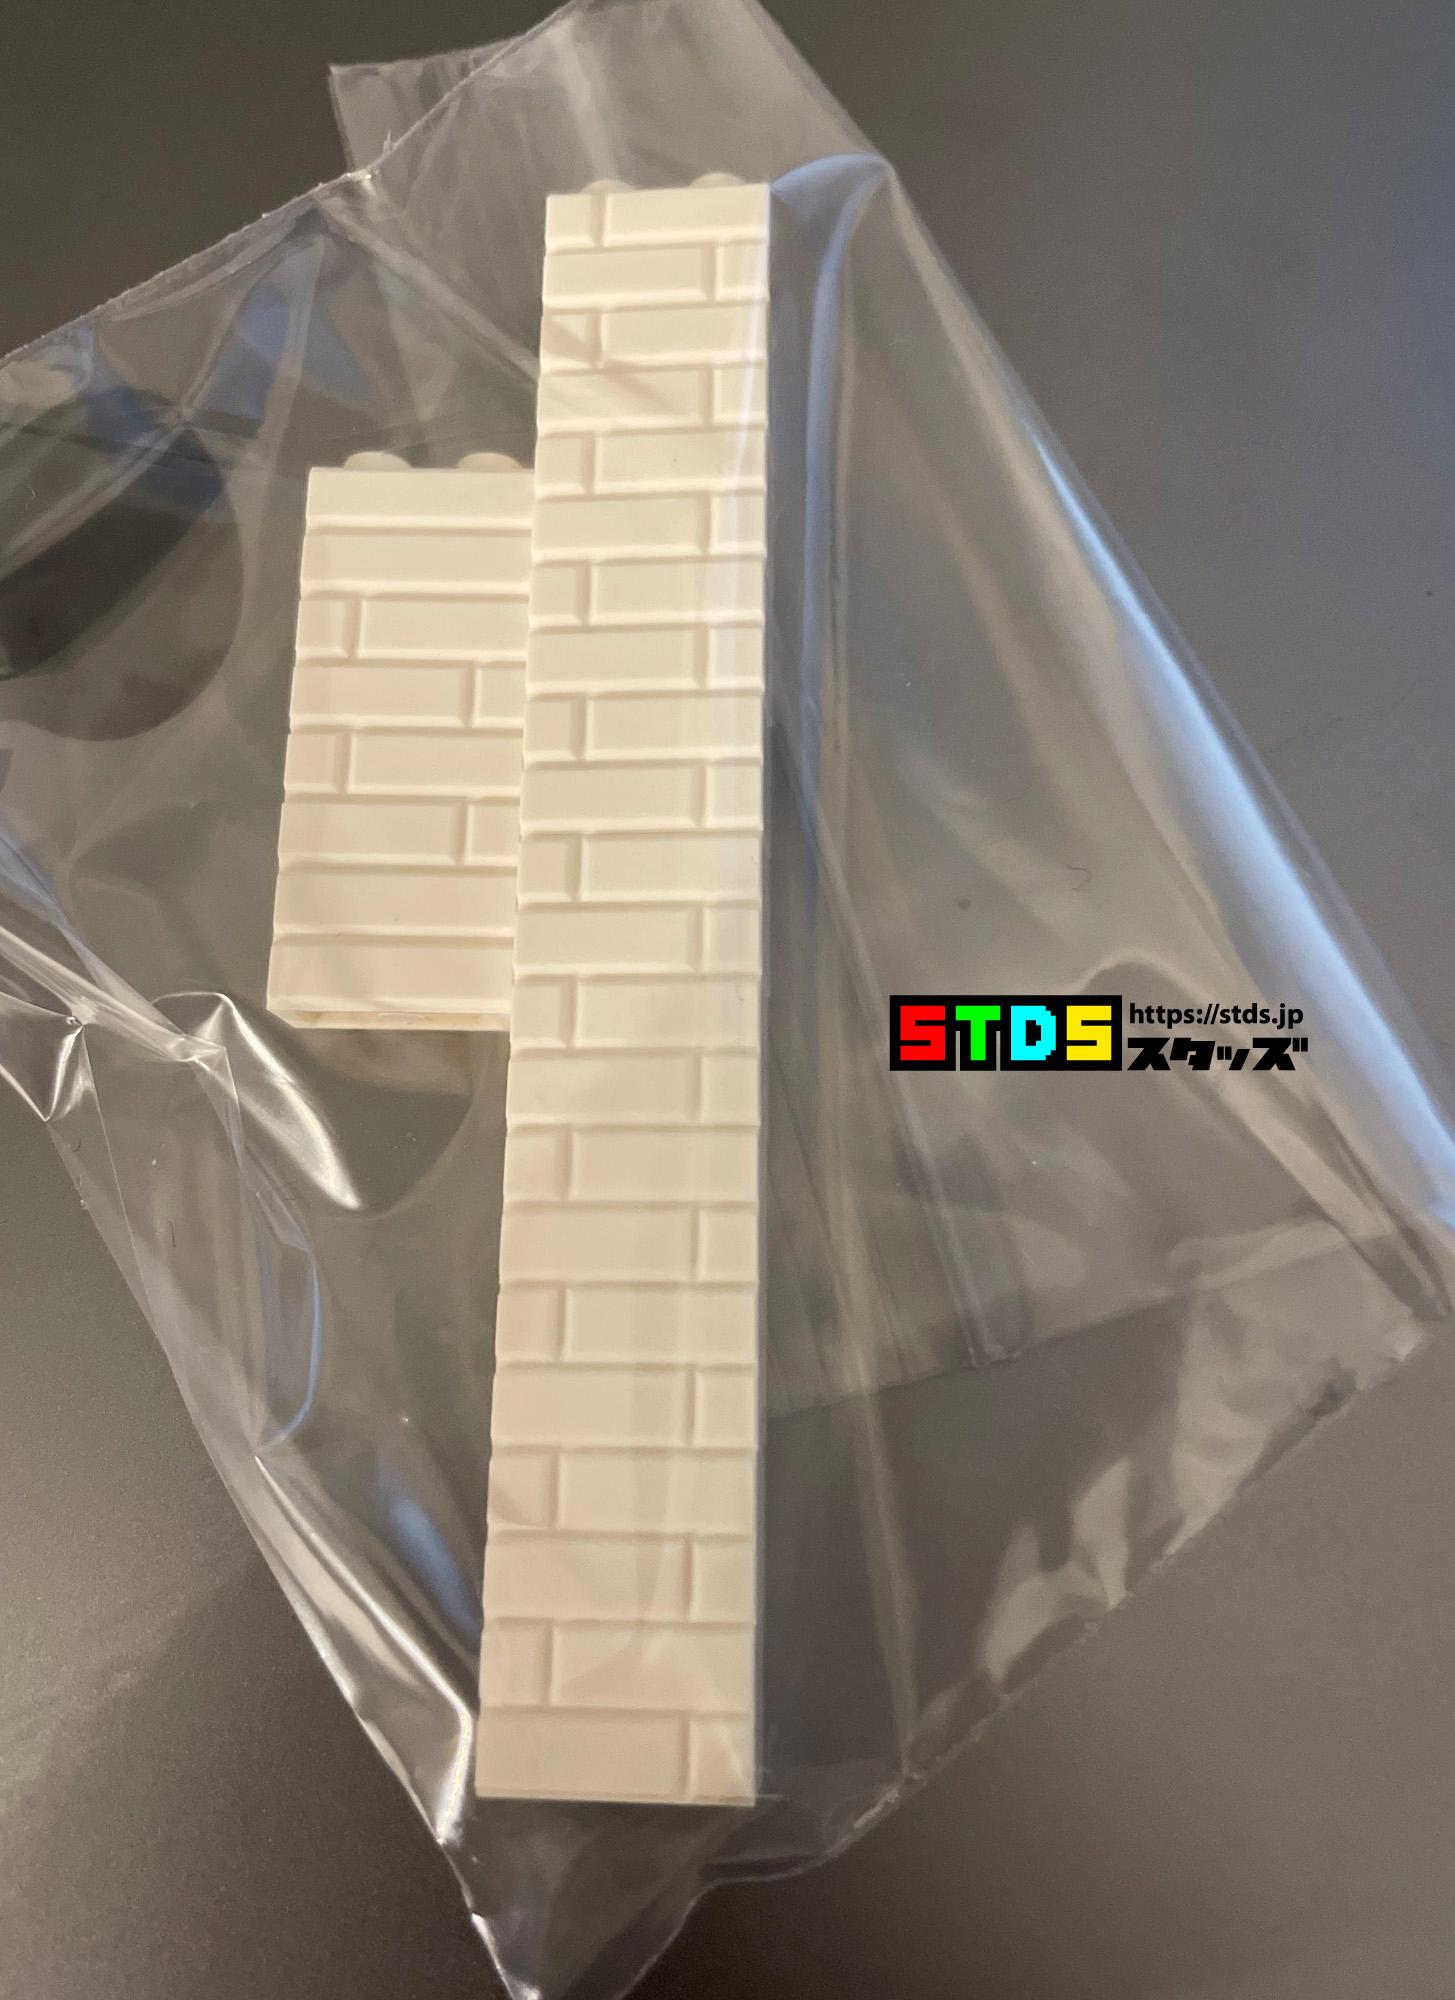 2021年8月1日発売見込みレゴ『71395 ピーチ城』スーパーマリオ新製品情報(2021)